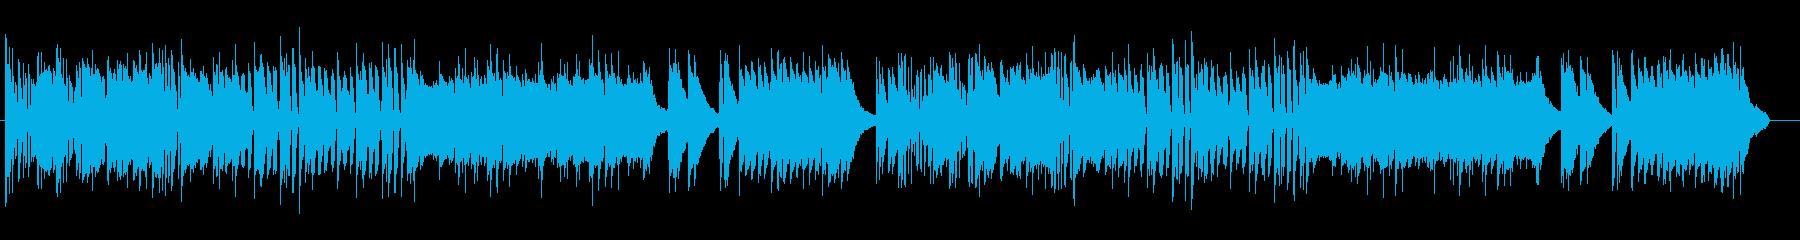 鉄琴とピアノによる懐かしい感じのポップスの再生済みの波形